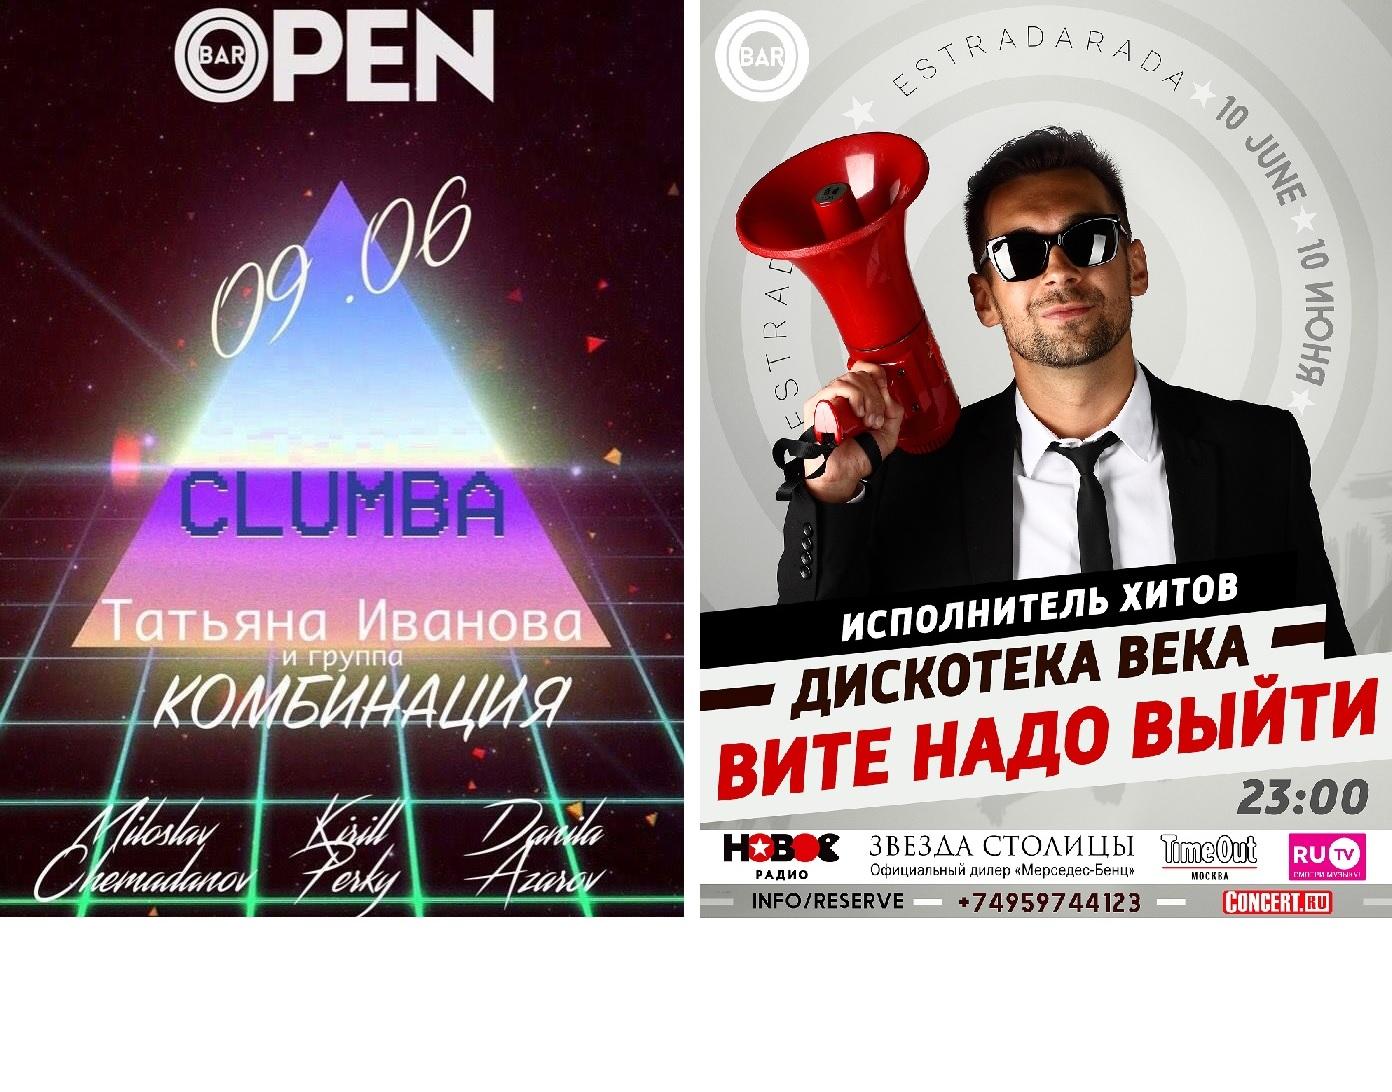 Улётные выходные в OPEN MOSCOW BAR